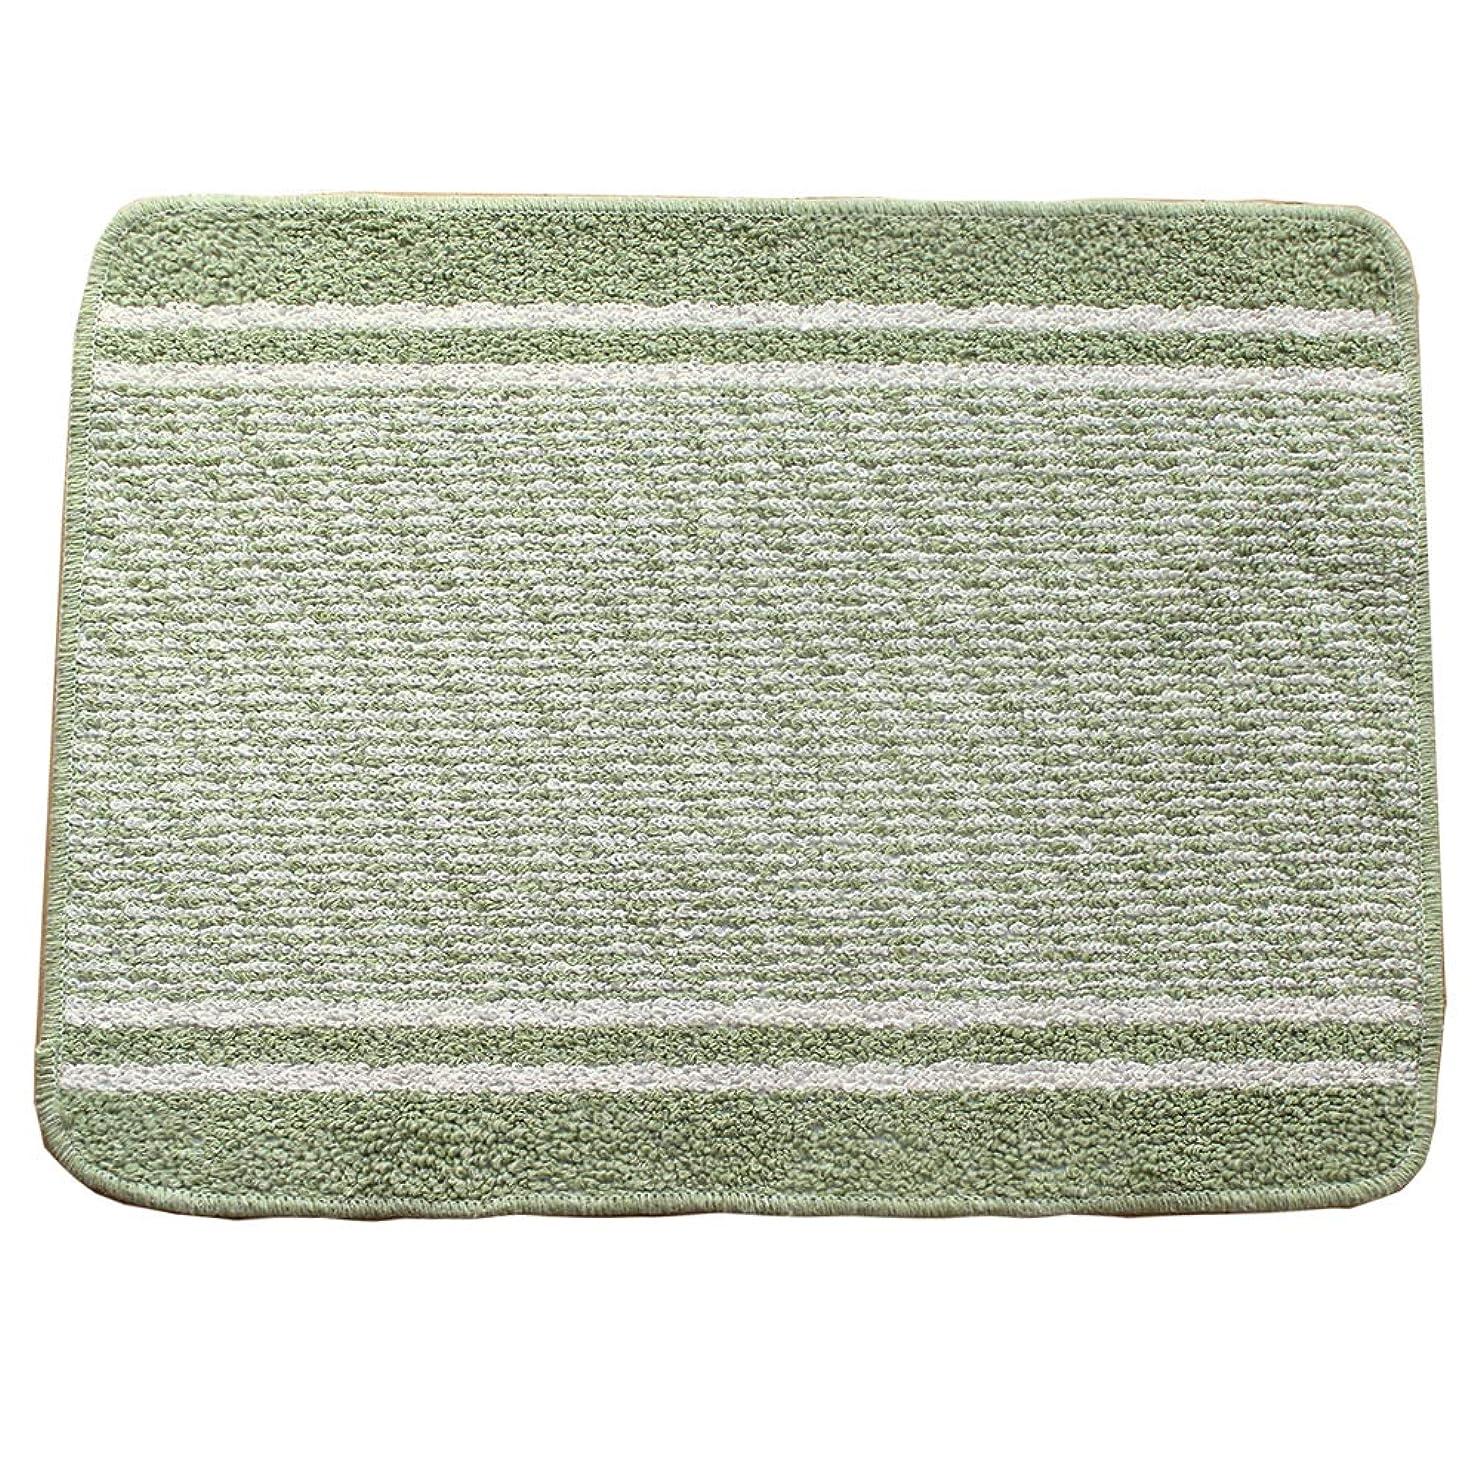 啓発する窒息させるプラグマルナカ 浴室足ふきマット グリーン 45x60 日本製:コットンライン 2023